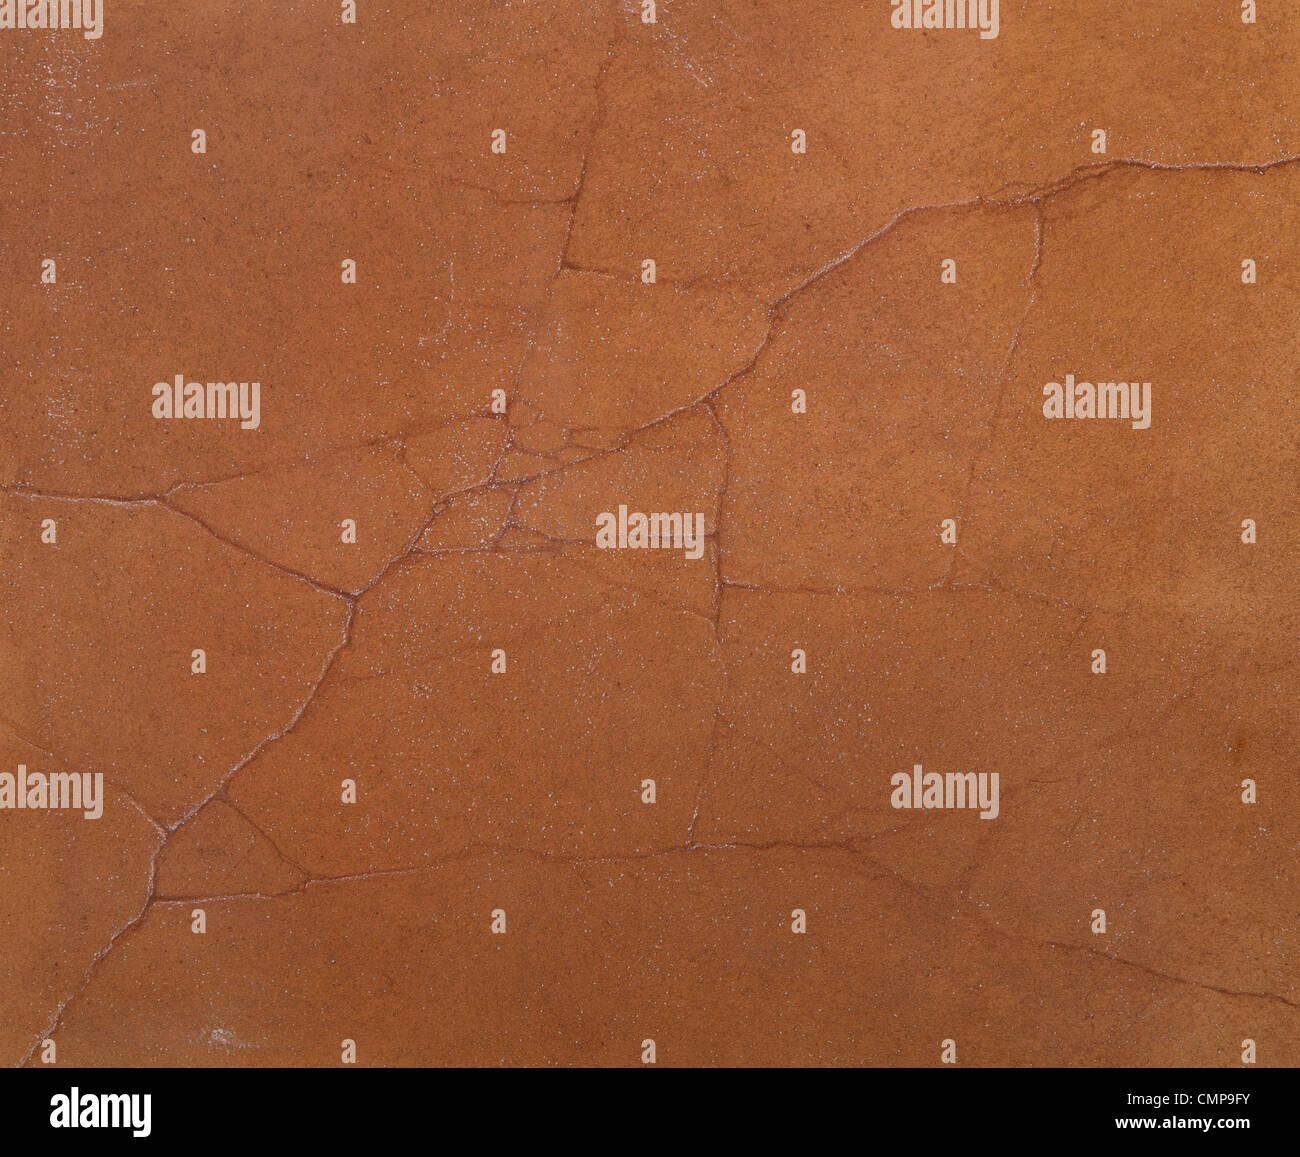 grobe Textur des Zements rissige Wände mit brauner Farbe Stockbild